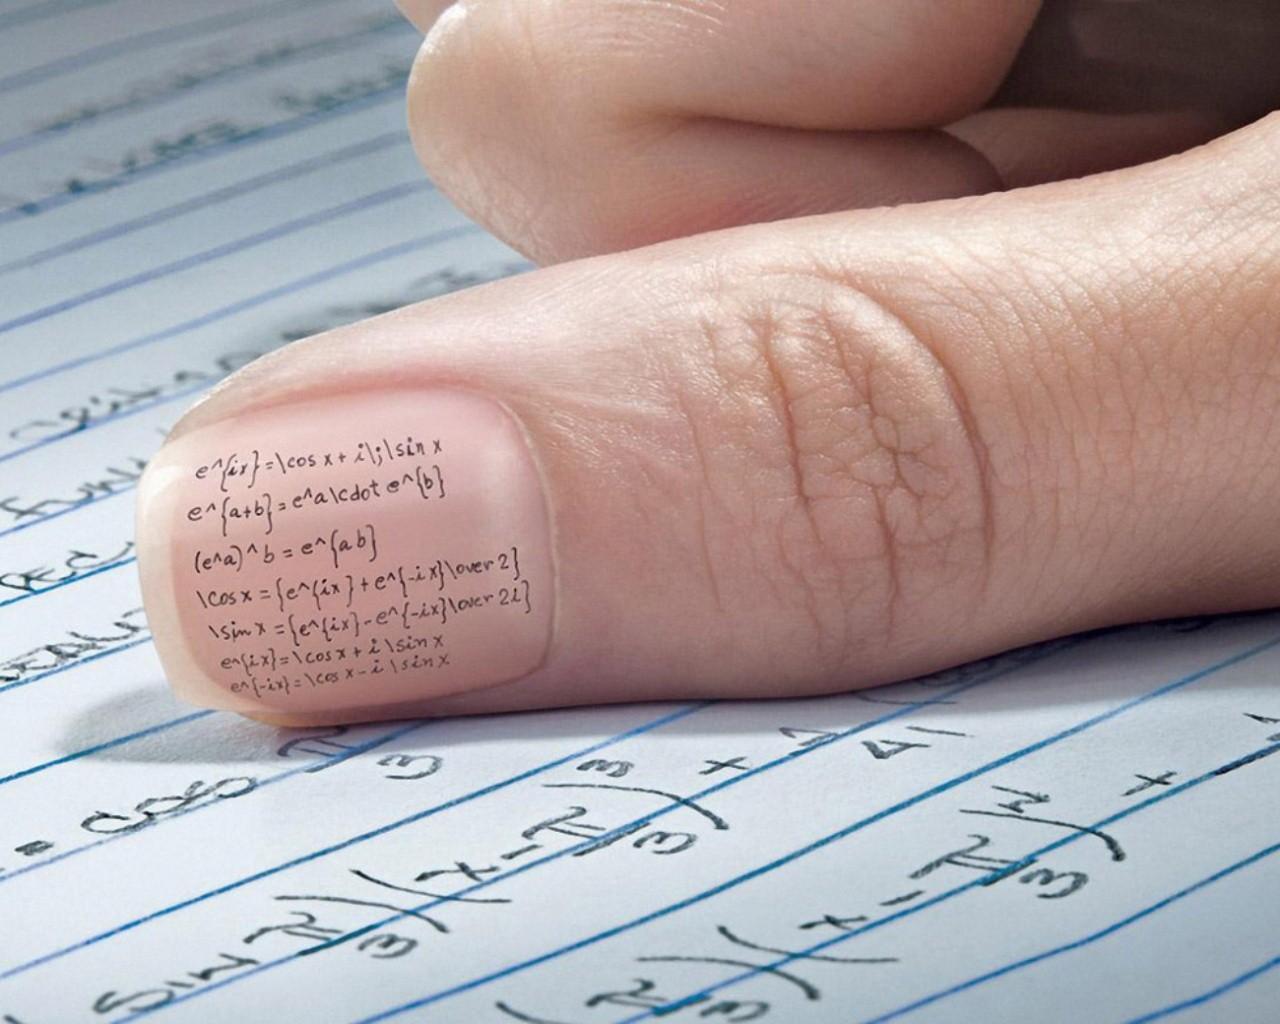 поурочные планы по английскому языку аяпова 9 класс